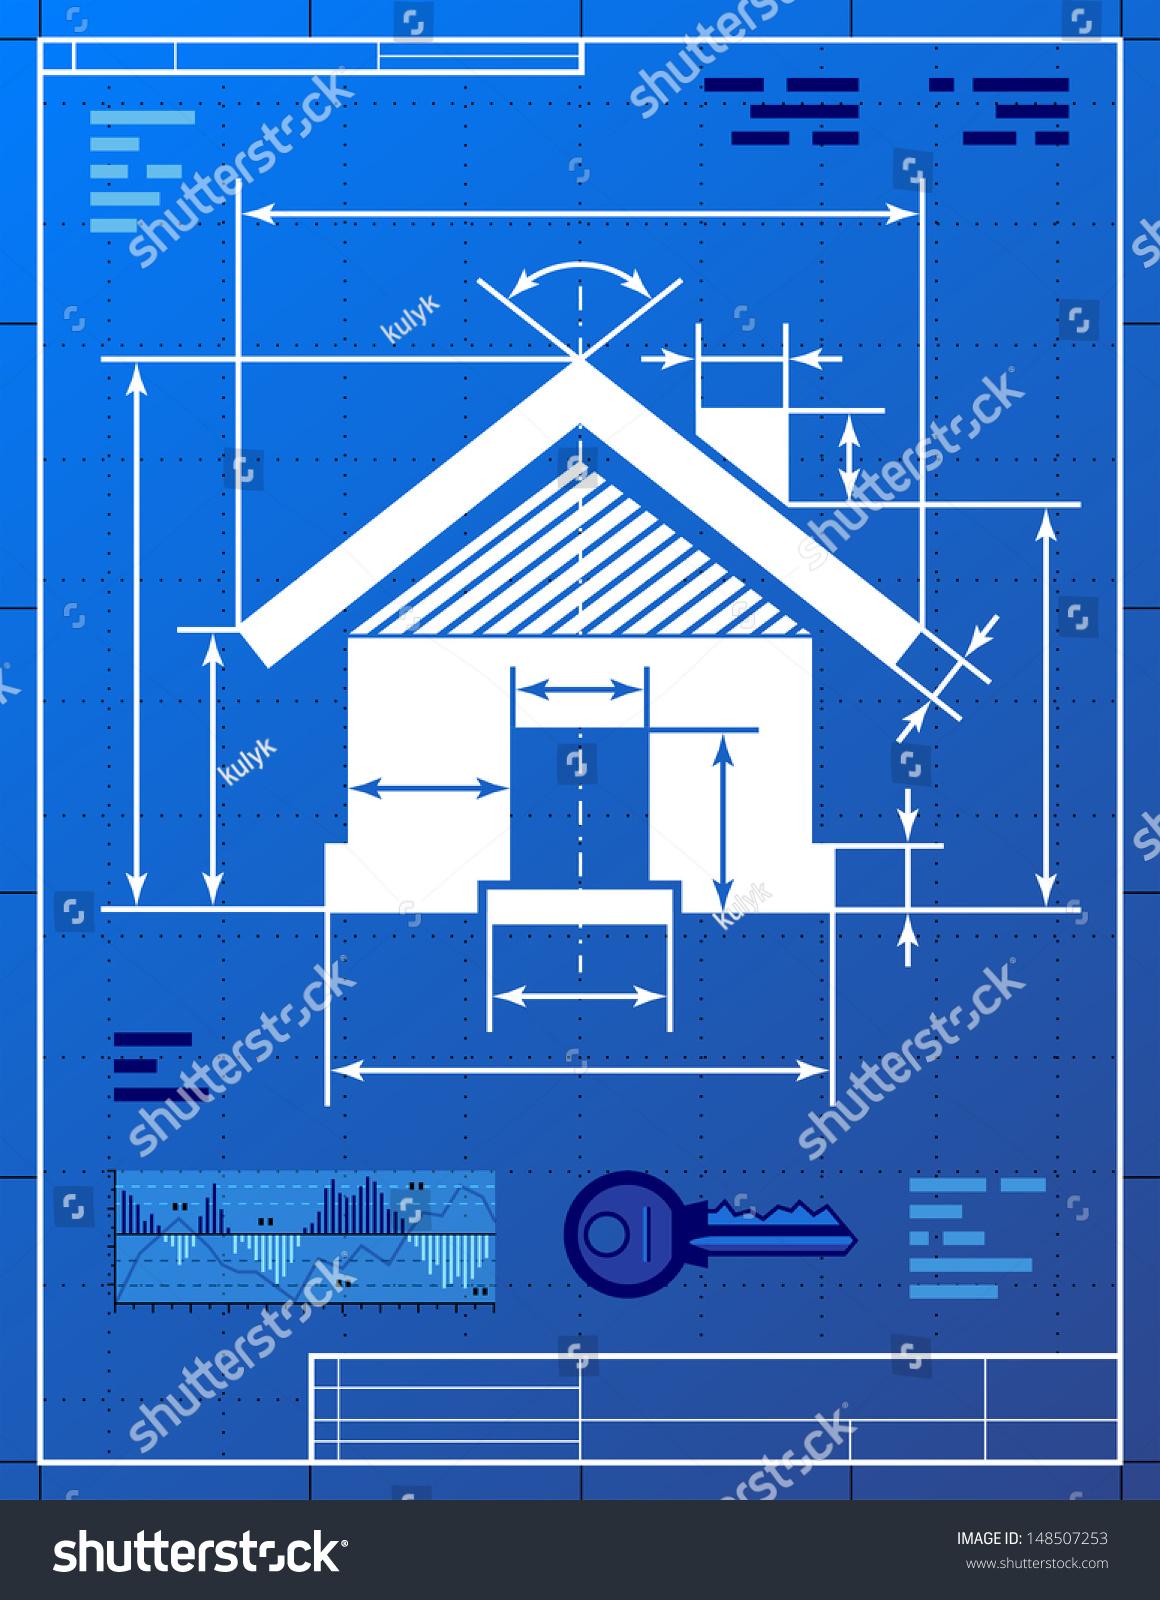 Home symbol like blueprint drawing stylized vectores en stock home symbol like blueprint drawing stylized drawing of house sign on blueprint paper qualitative malvernweather Choice Image